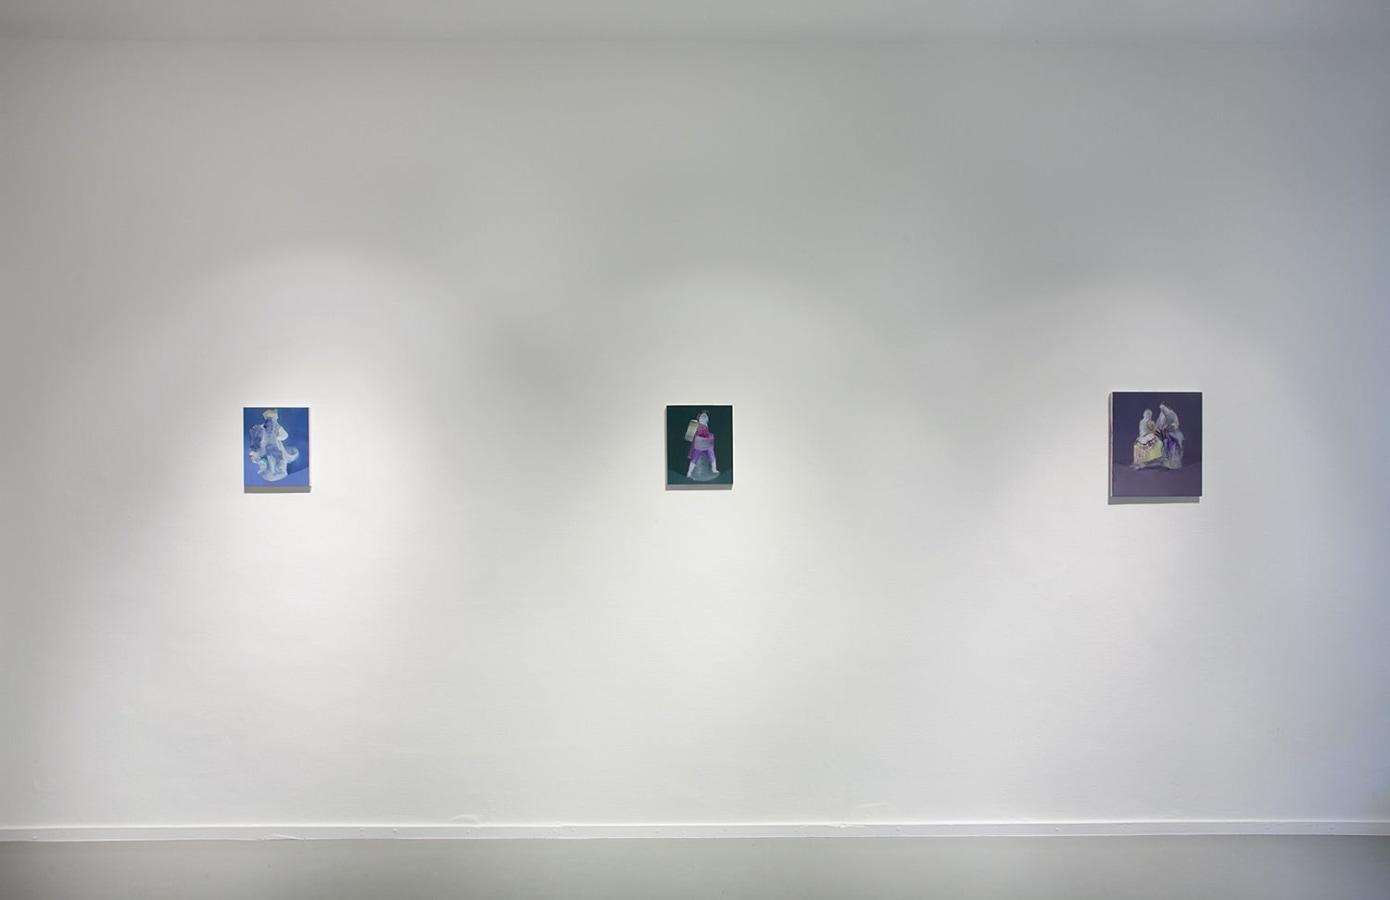 Lara Viana - Schilderijen, Lara Viana,